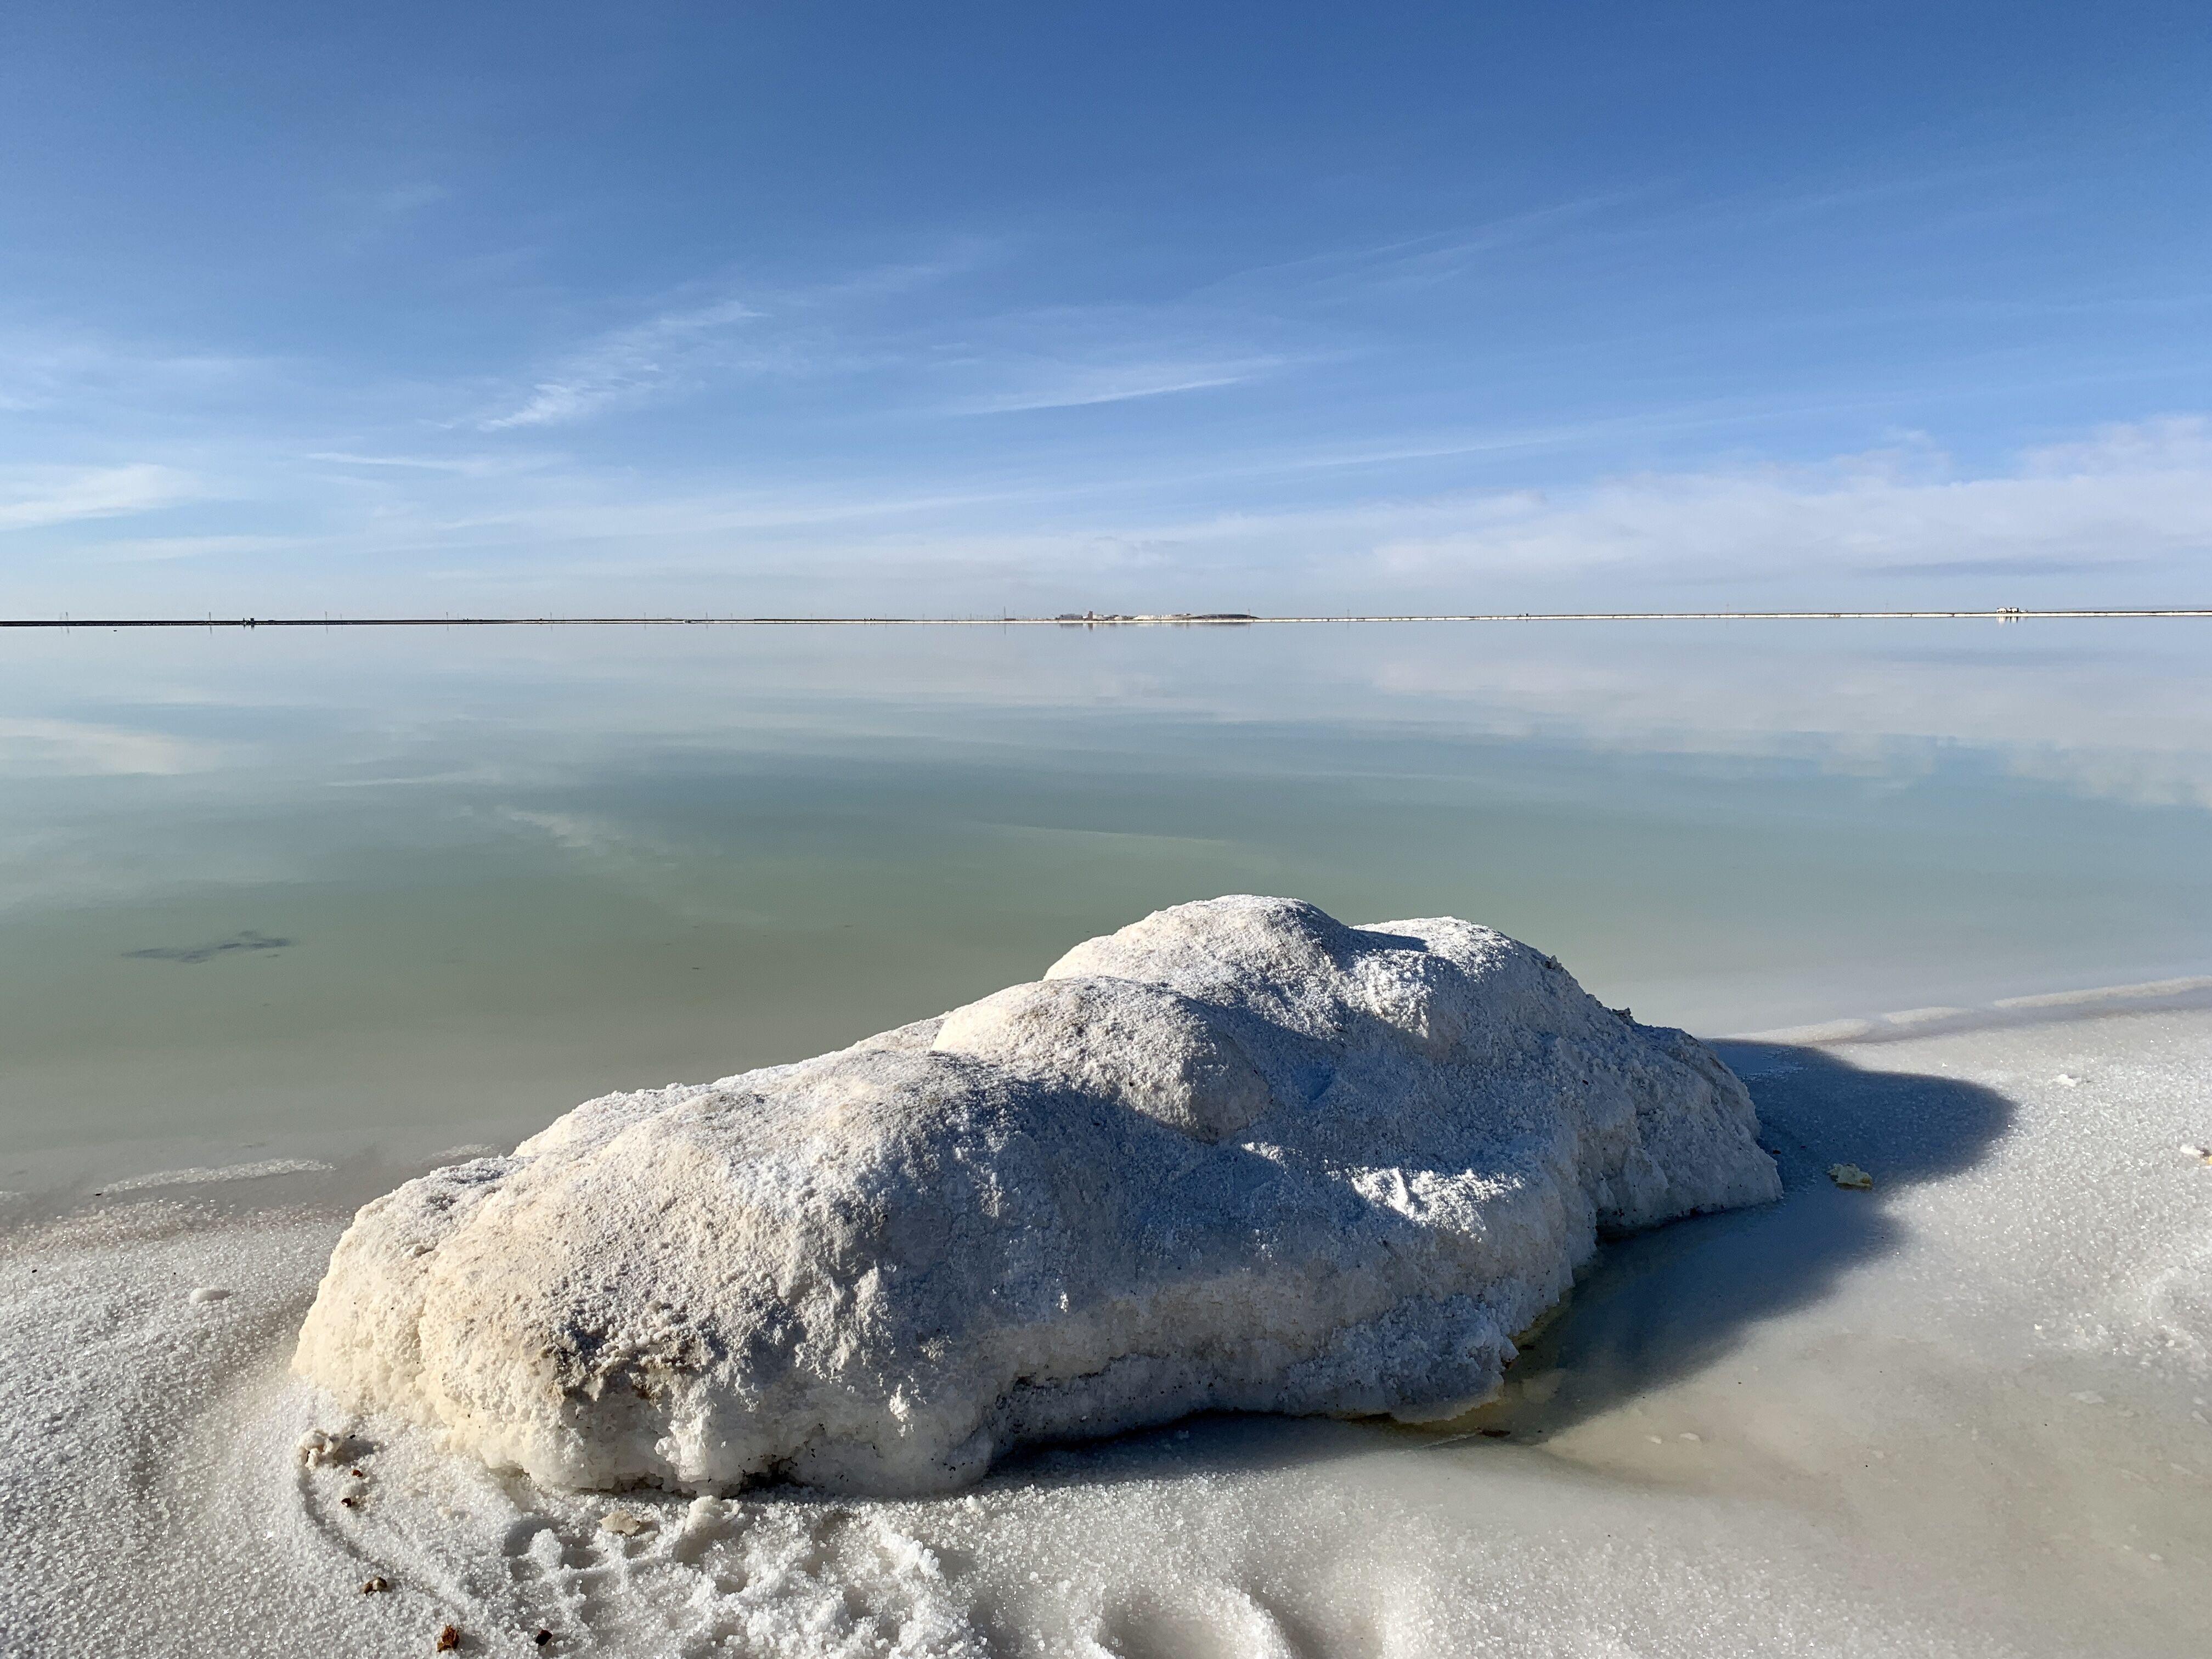 盐湖提锂概念全线爆发 天齐锂业盘中股价再创新高 锂盐还能涨?